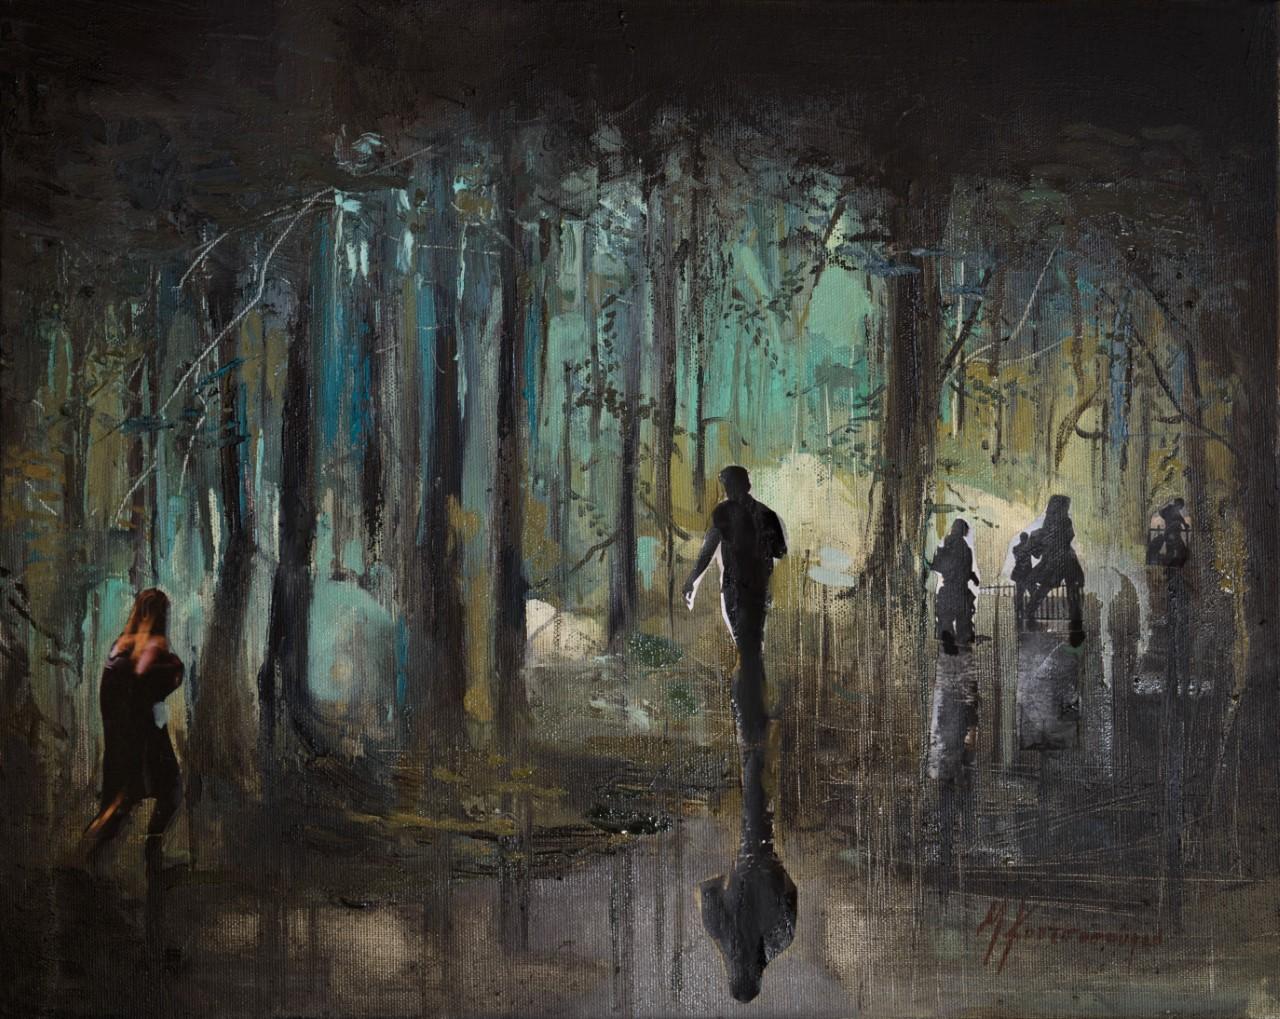 Κουτσοσπύρου Μαρίνα, Εύπλαστος κόσμος, 40x50cm, Λάδι σε καμβά